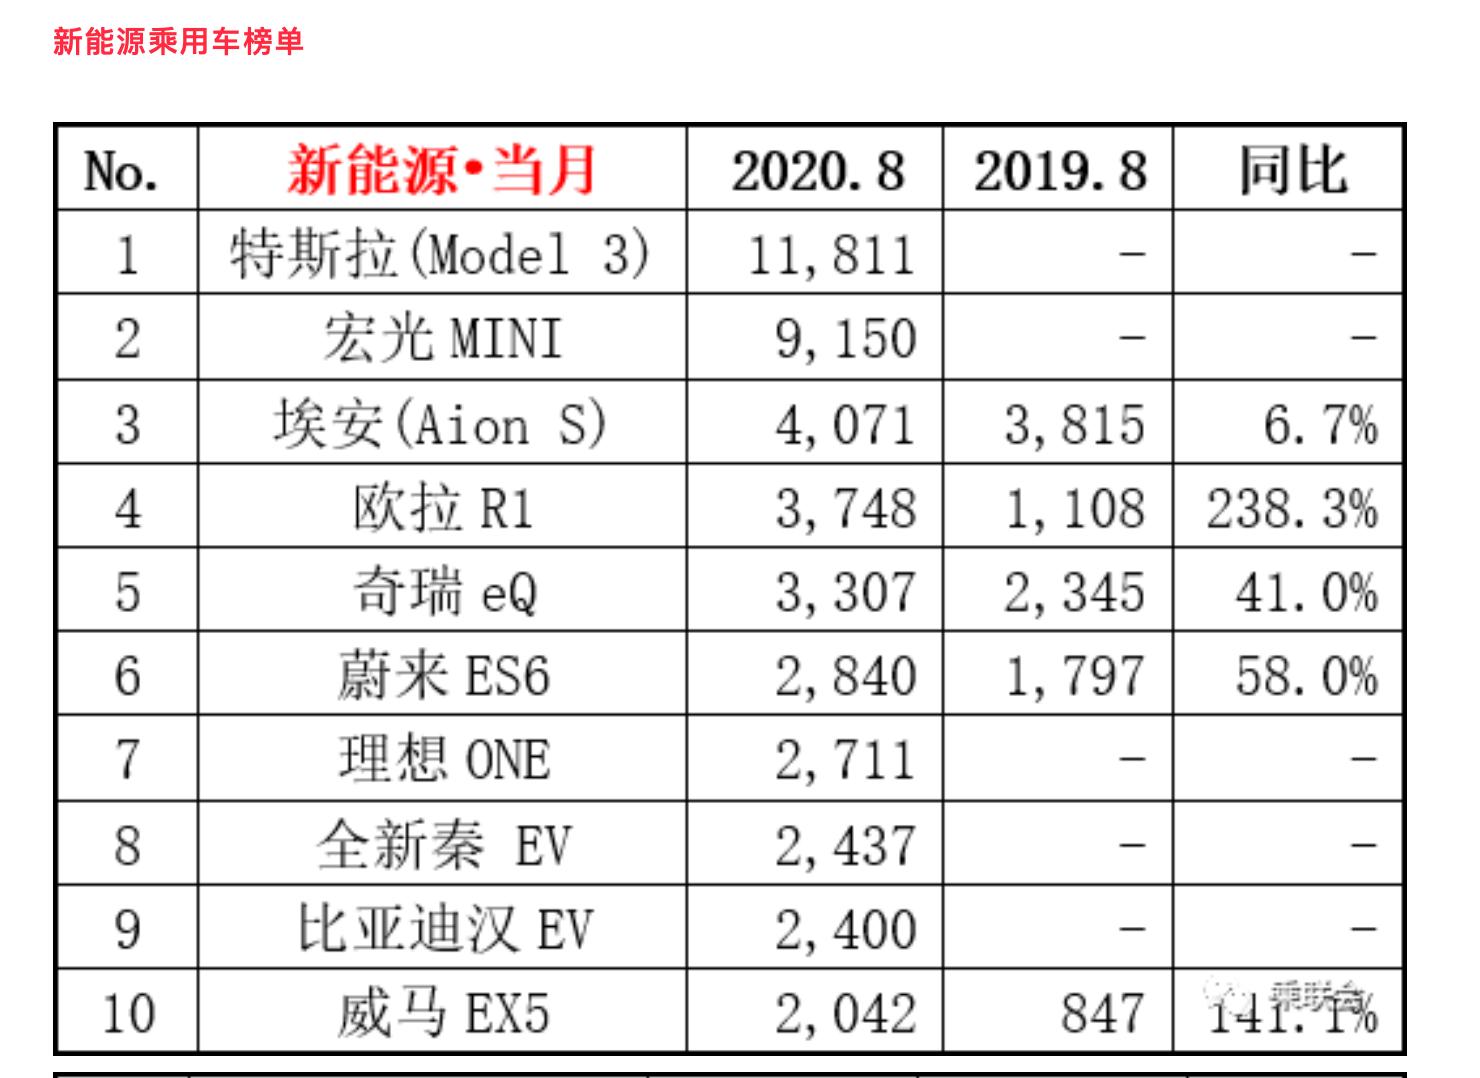 车市加速回暖,中国新能源汽车市场高端化趋势明显